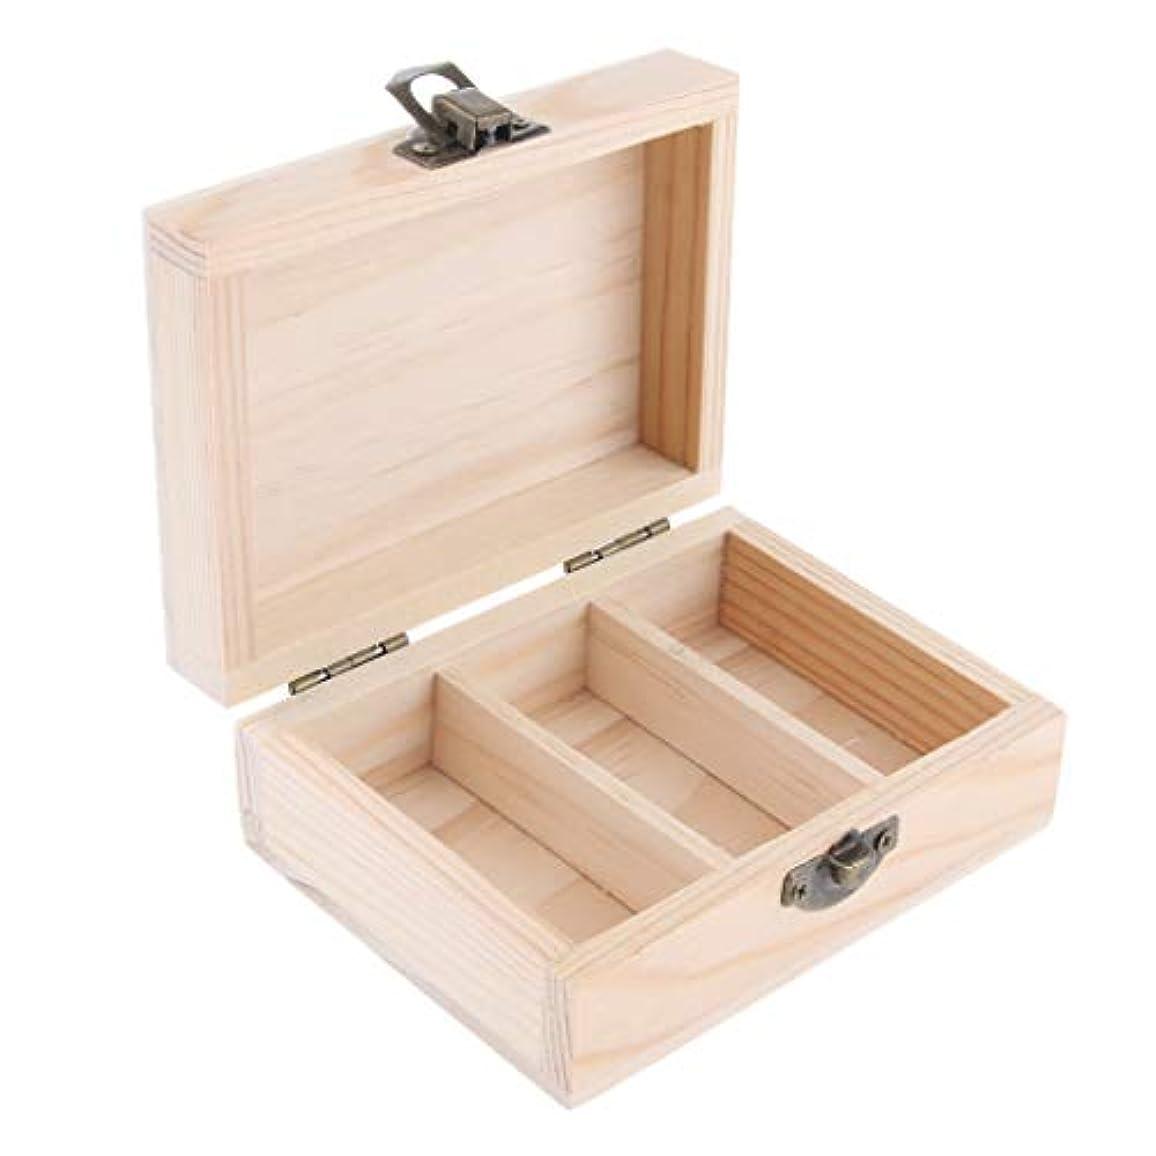 羽帝国層D DOLITY サロン エッセンシャルオイル 展示ケース 収納ボックス 木製 日光遮断 3グリッド